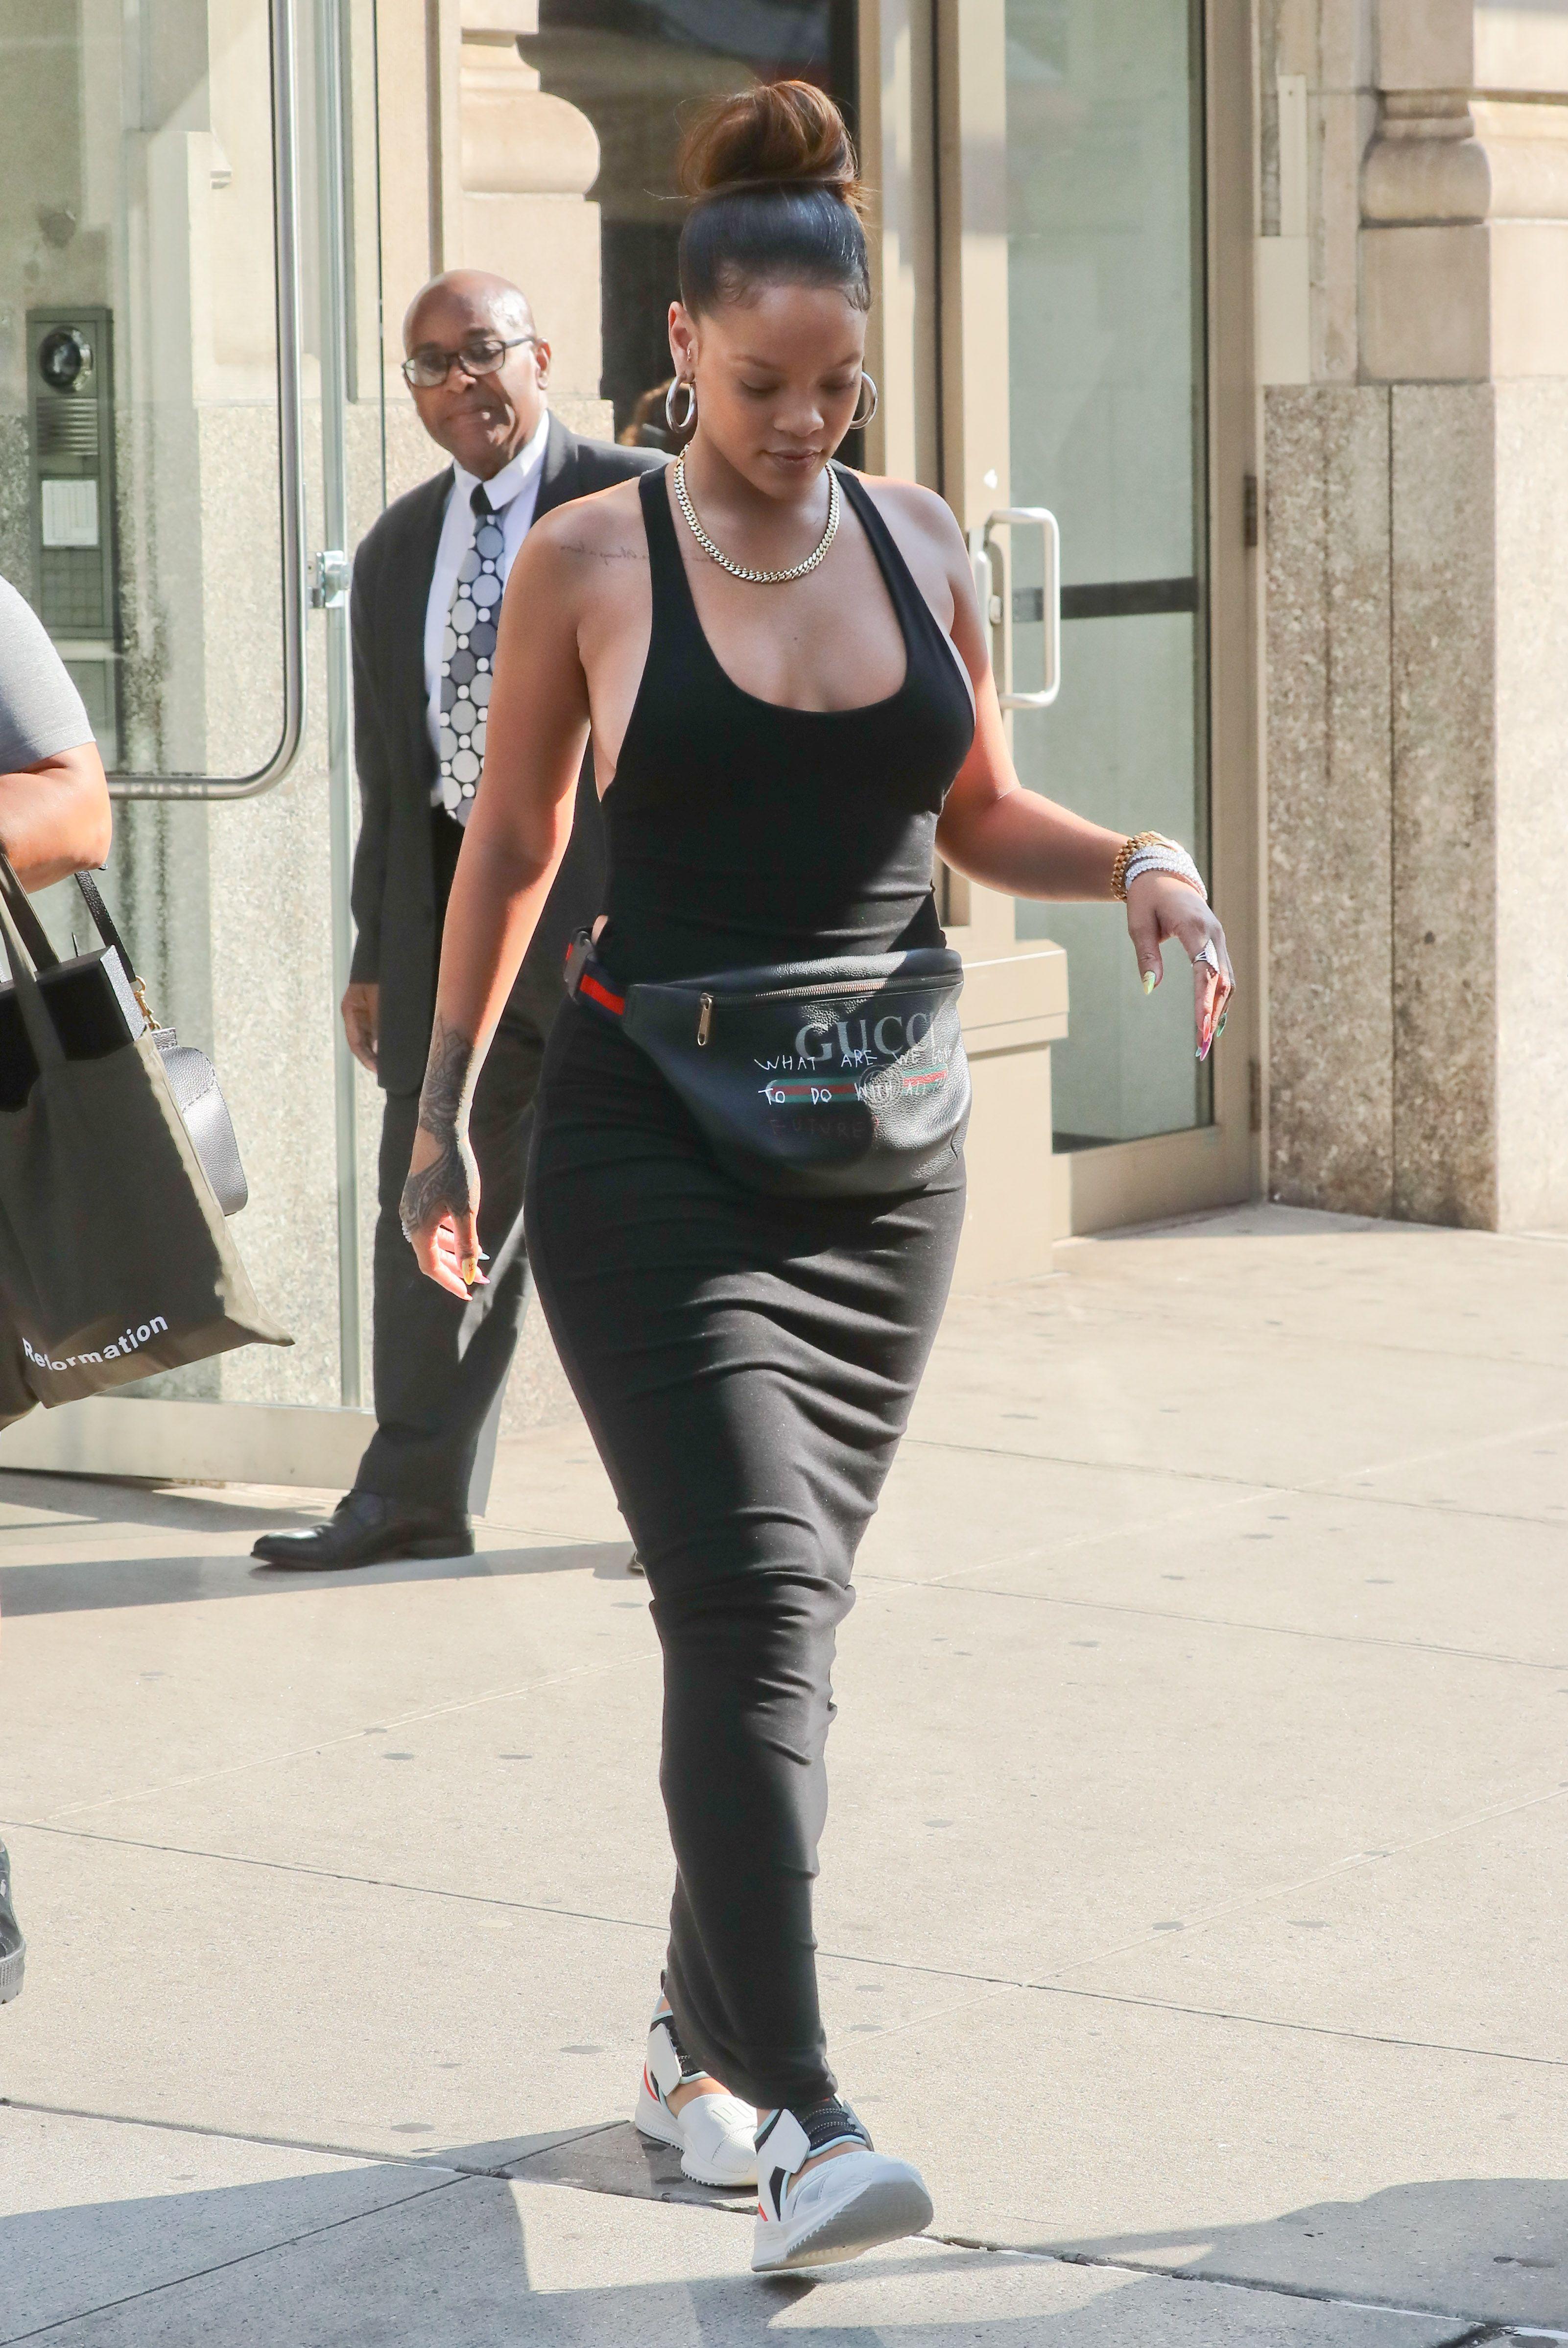 Rihanna-Braless-14-thefappeningblog.com_.jpg